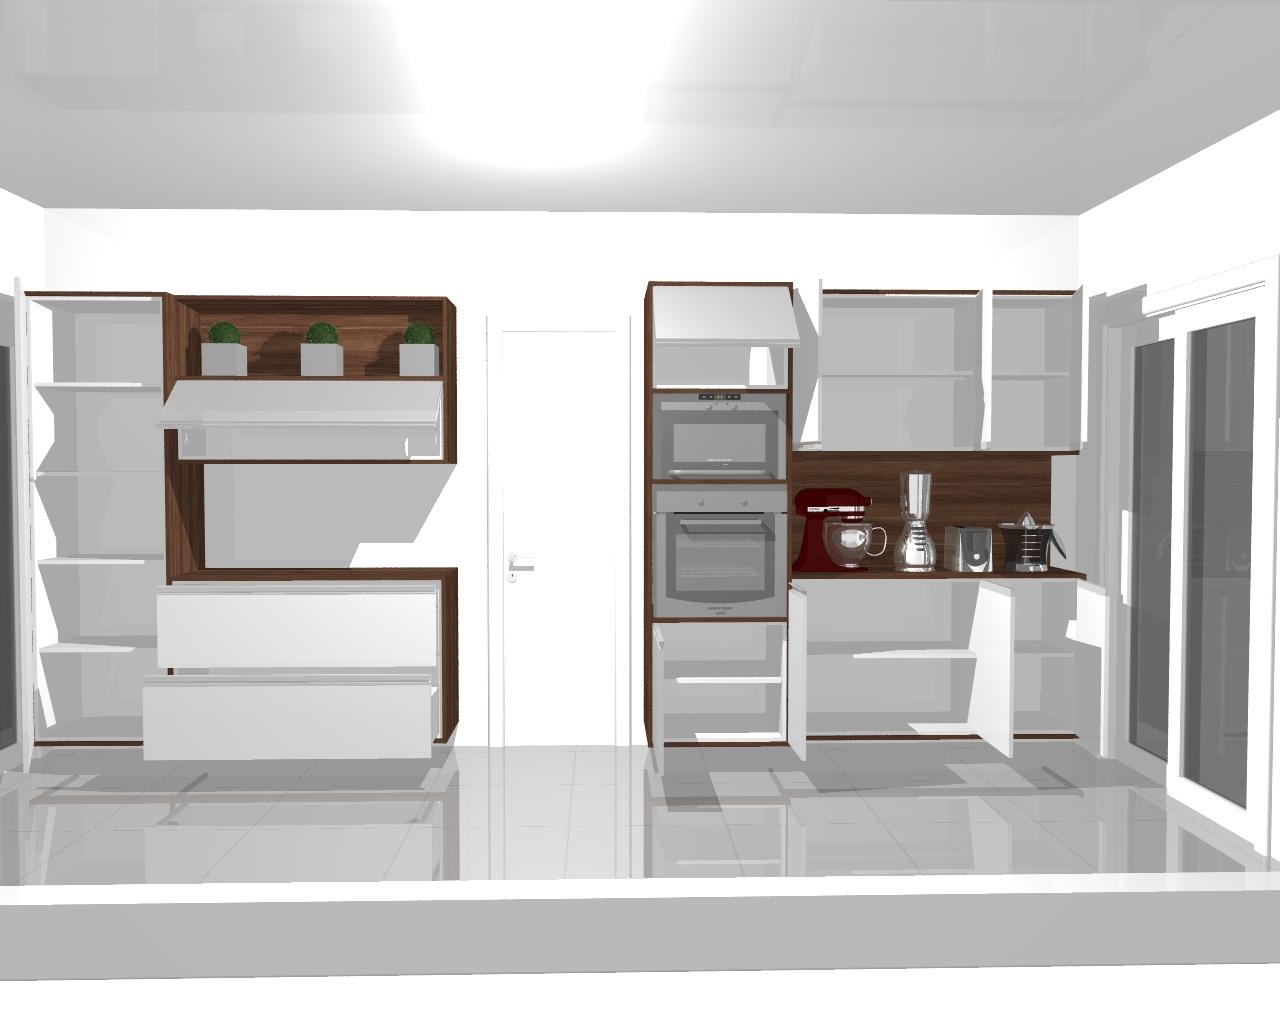 Projeto elaborado para o Edifício Mansão Imperial Gafisa  #463126 1280 1024